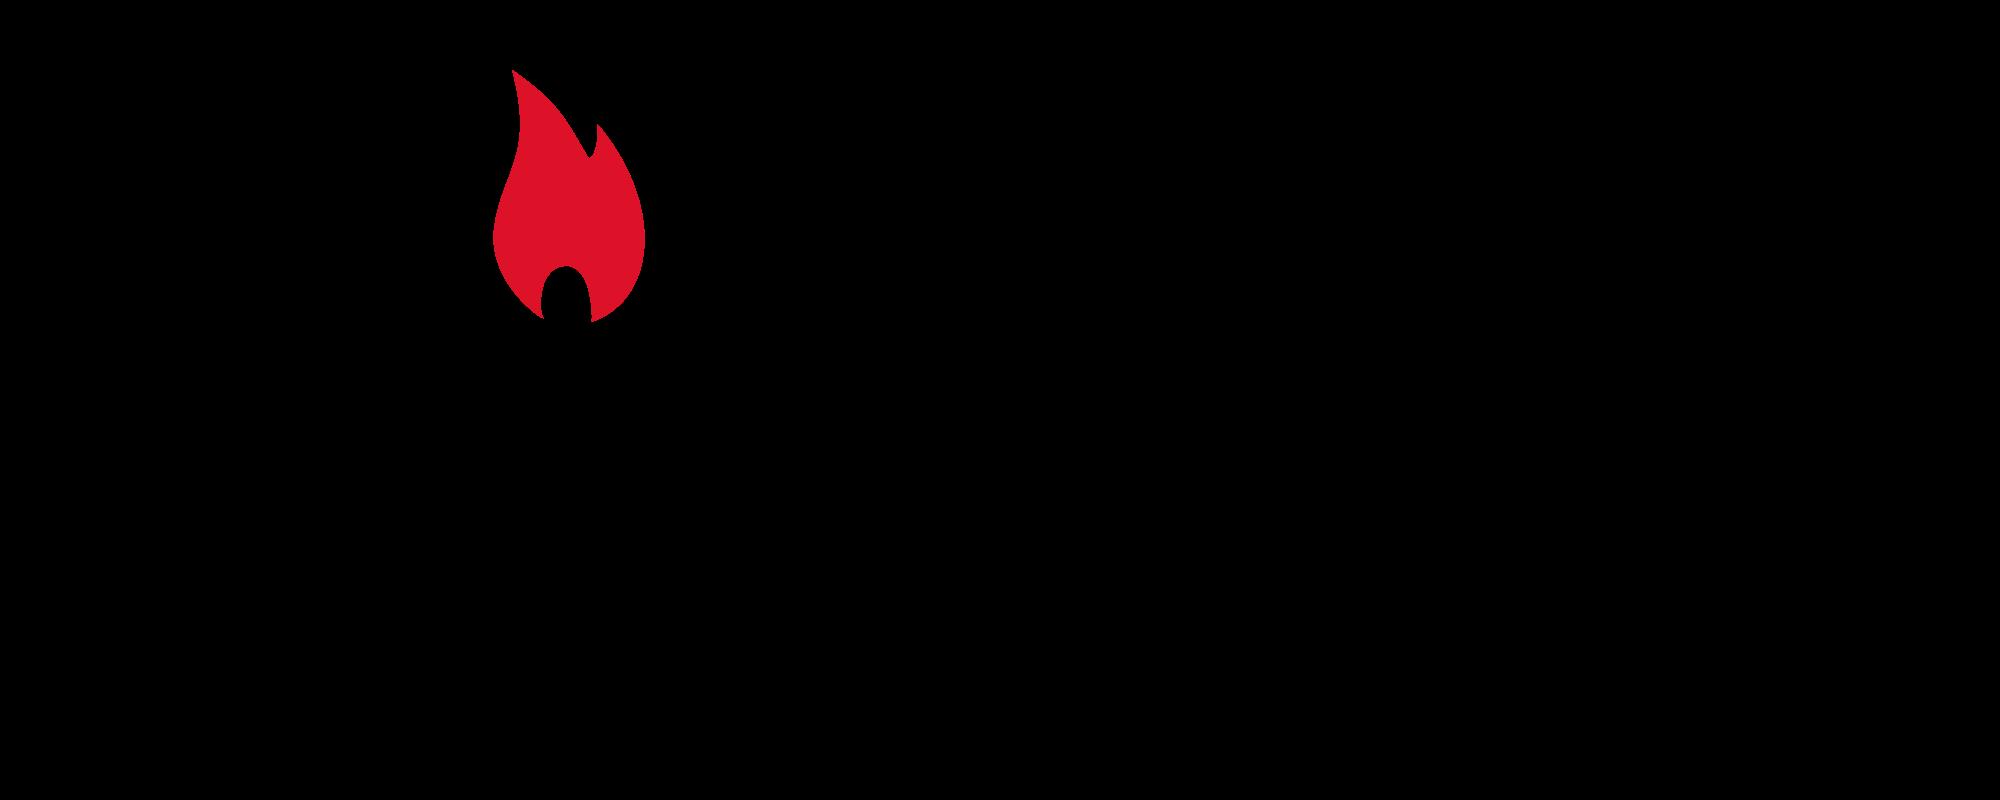 Cuba logo